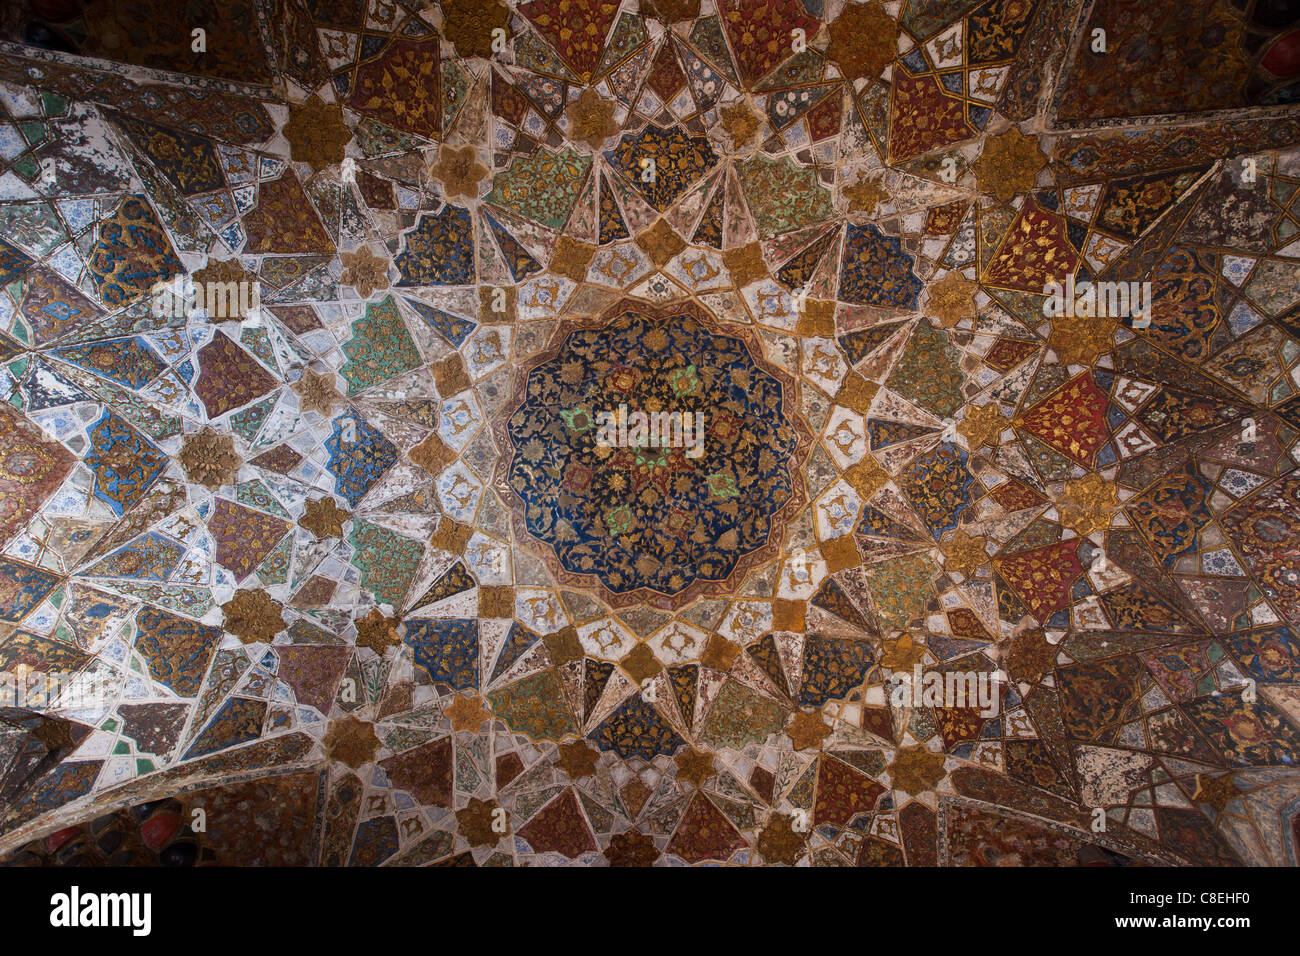 https www alamyimages fr photo image plafond en dome pietra dura bijoux couper en marbre dans la tombe de etimad ud doulah 17e siecle tombeau moghol construit 1628 agra inde 39659060 html